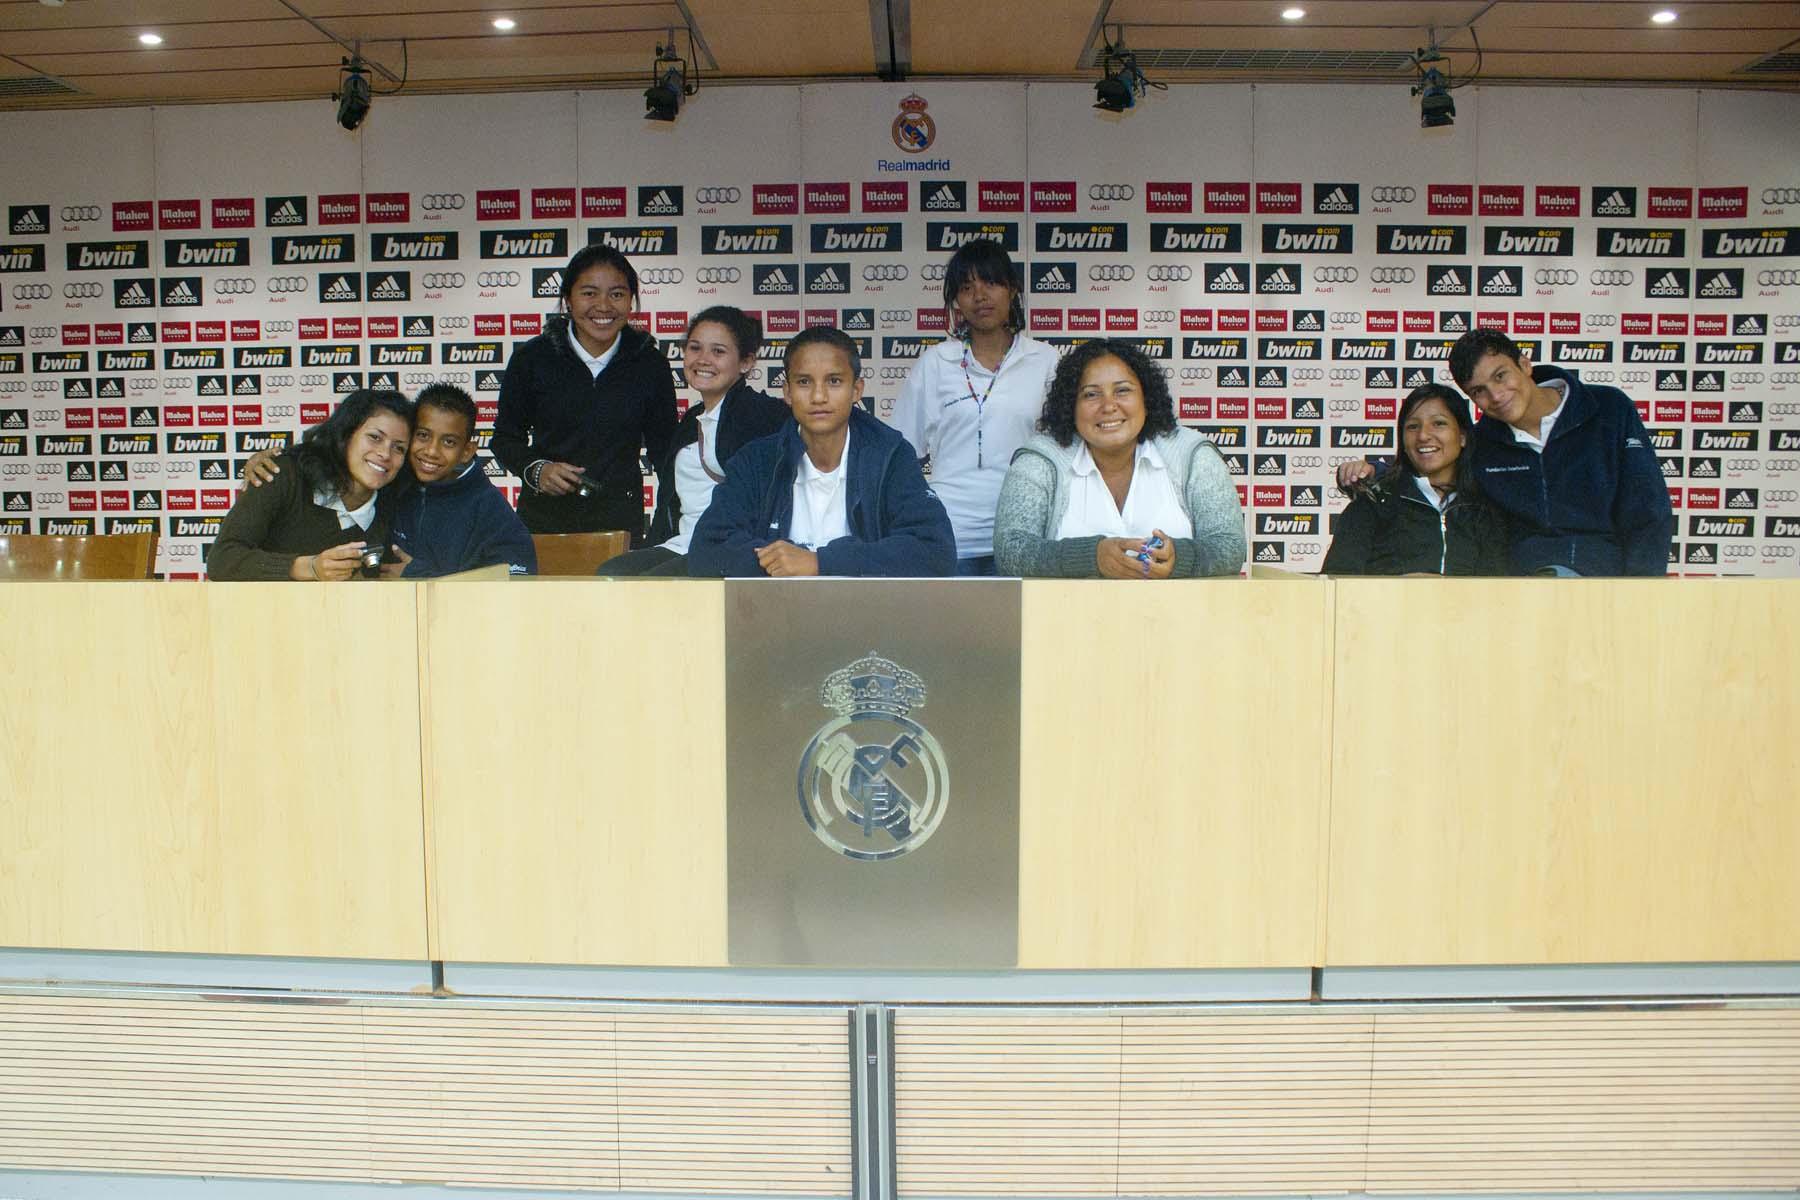 Los jóvenes han podido disfrutar de la experiencia de conocer desde dentro el Santiago Bernabéu y visitar los lugares más emblemáticos del coliseo blanco.